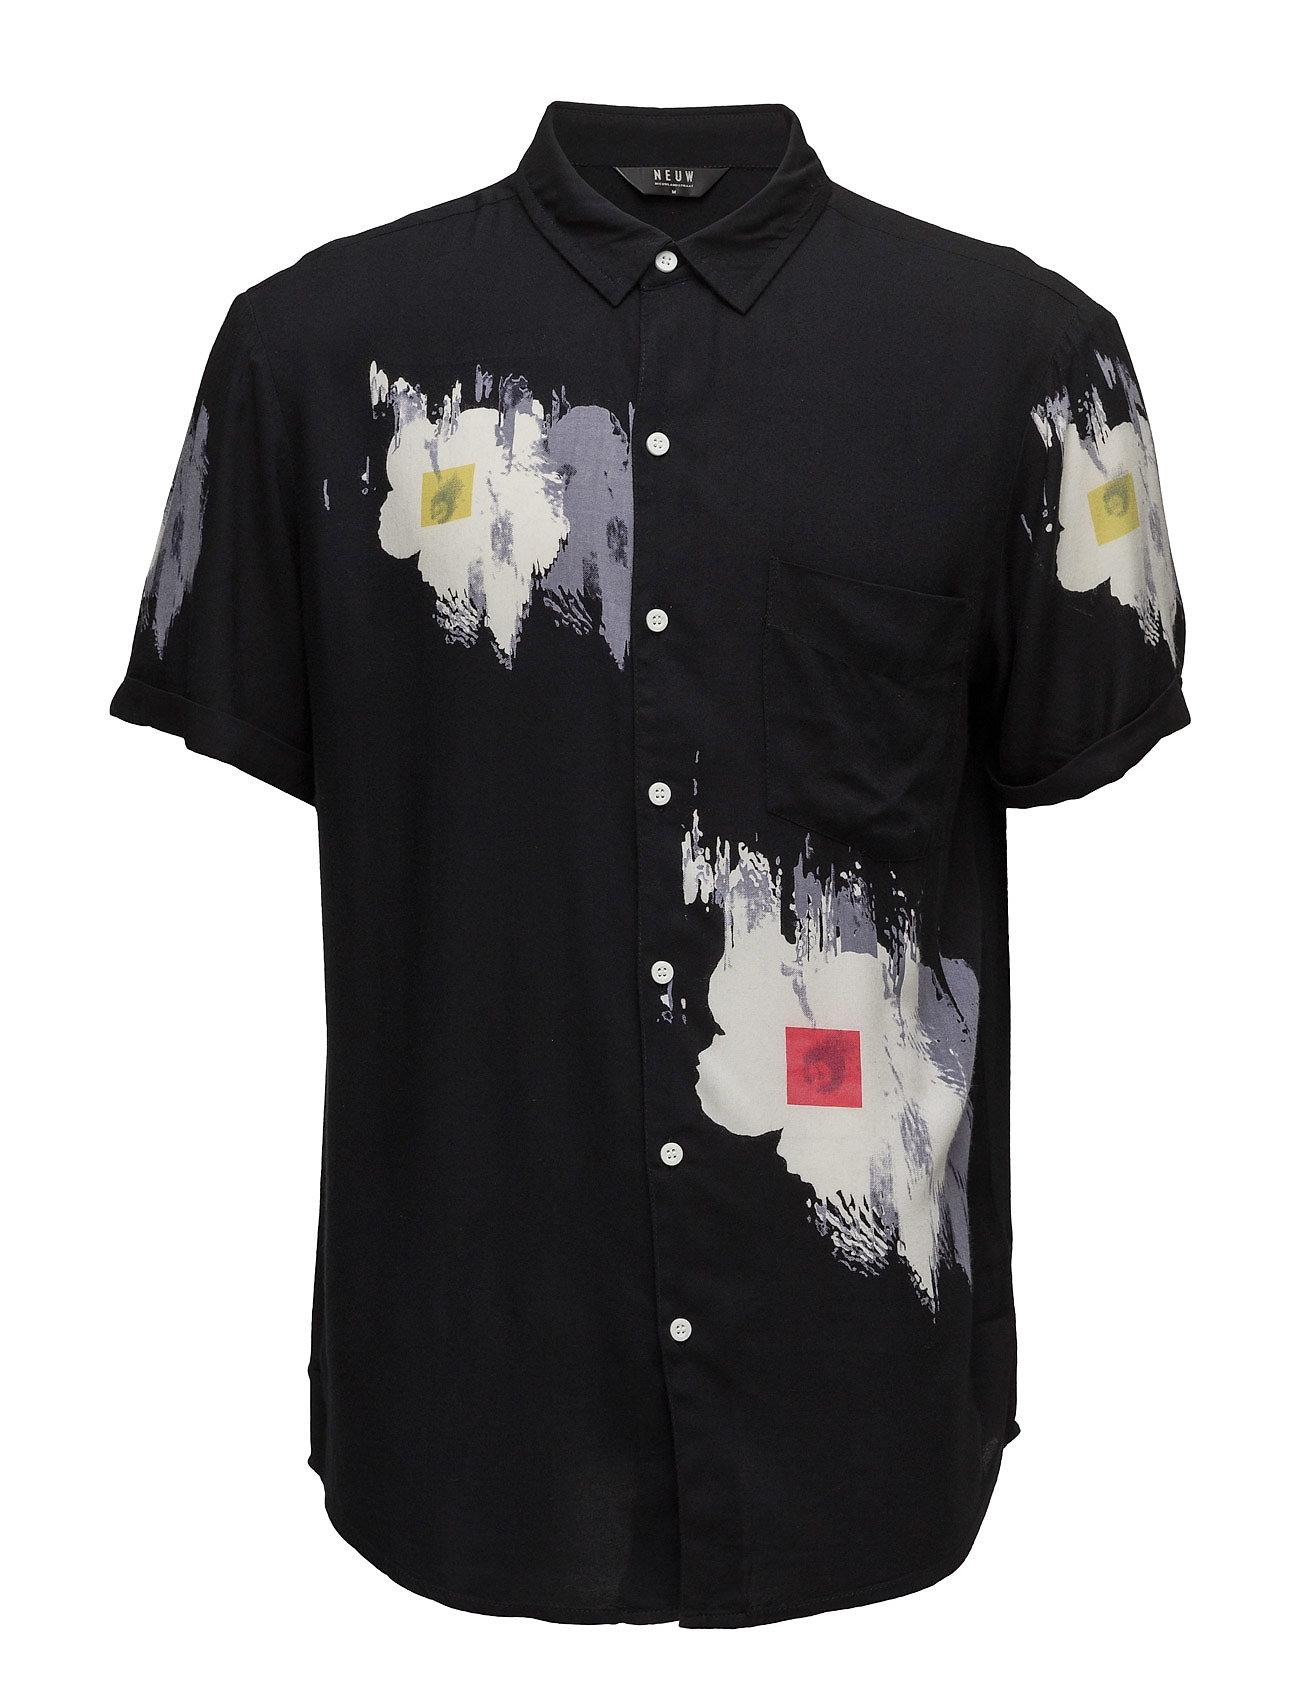 neuw – Hunter shirt på boozt.com dk